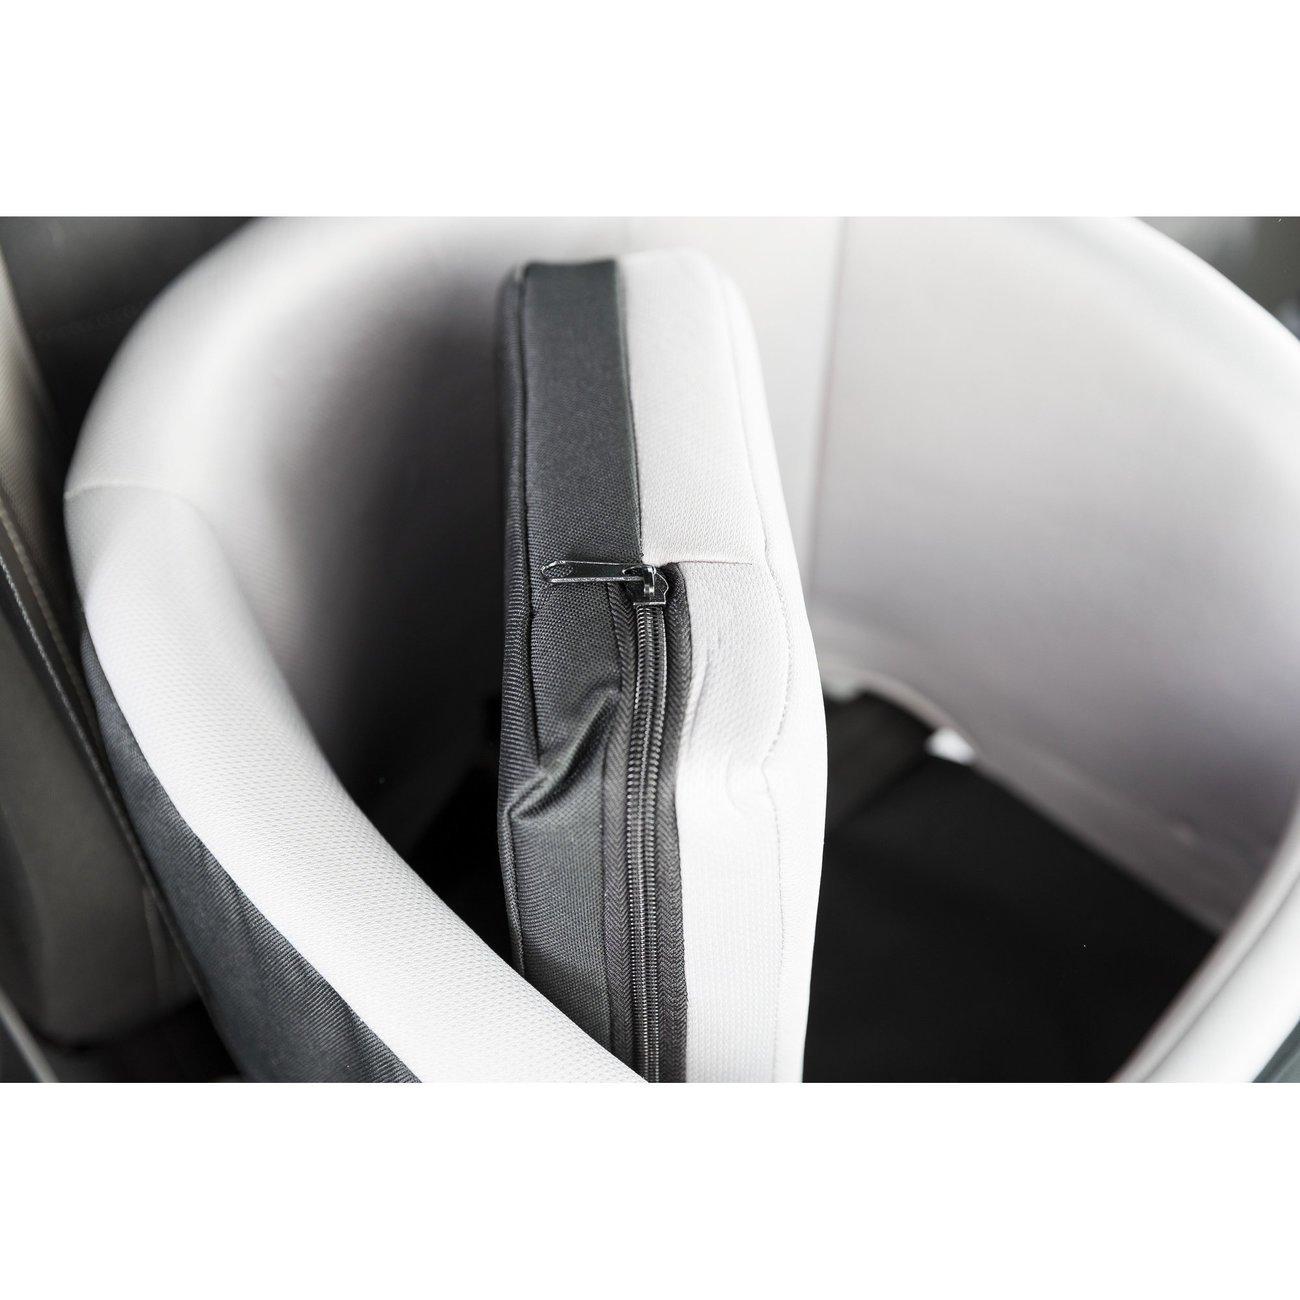 TRIXIE Autositz für kleine Hunde bis 8 kg 13176, Bild 21